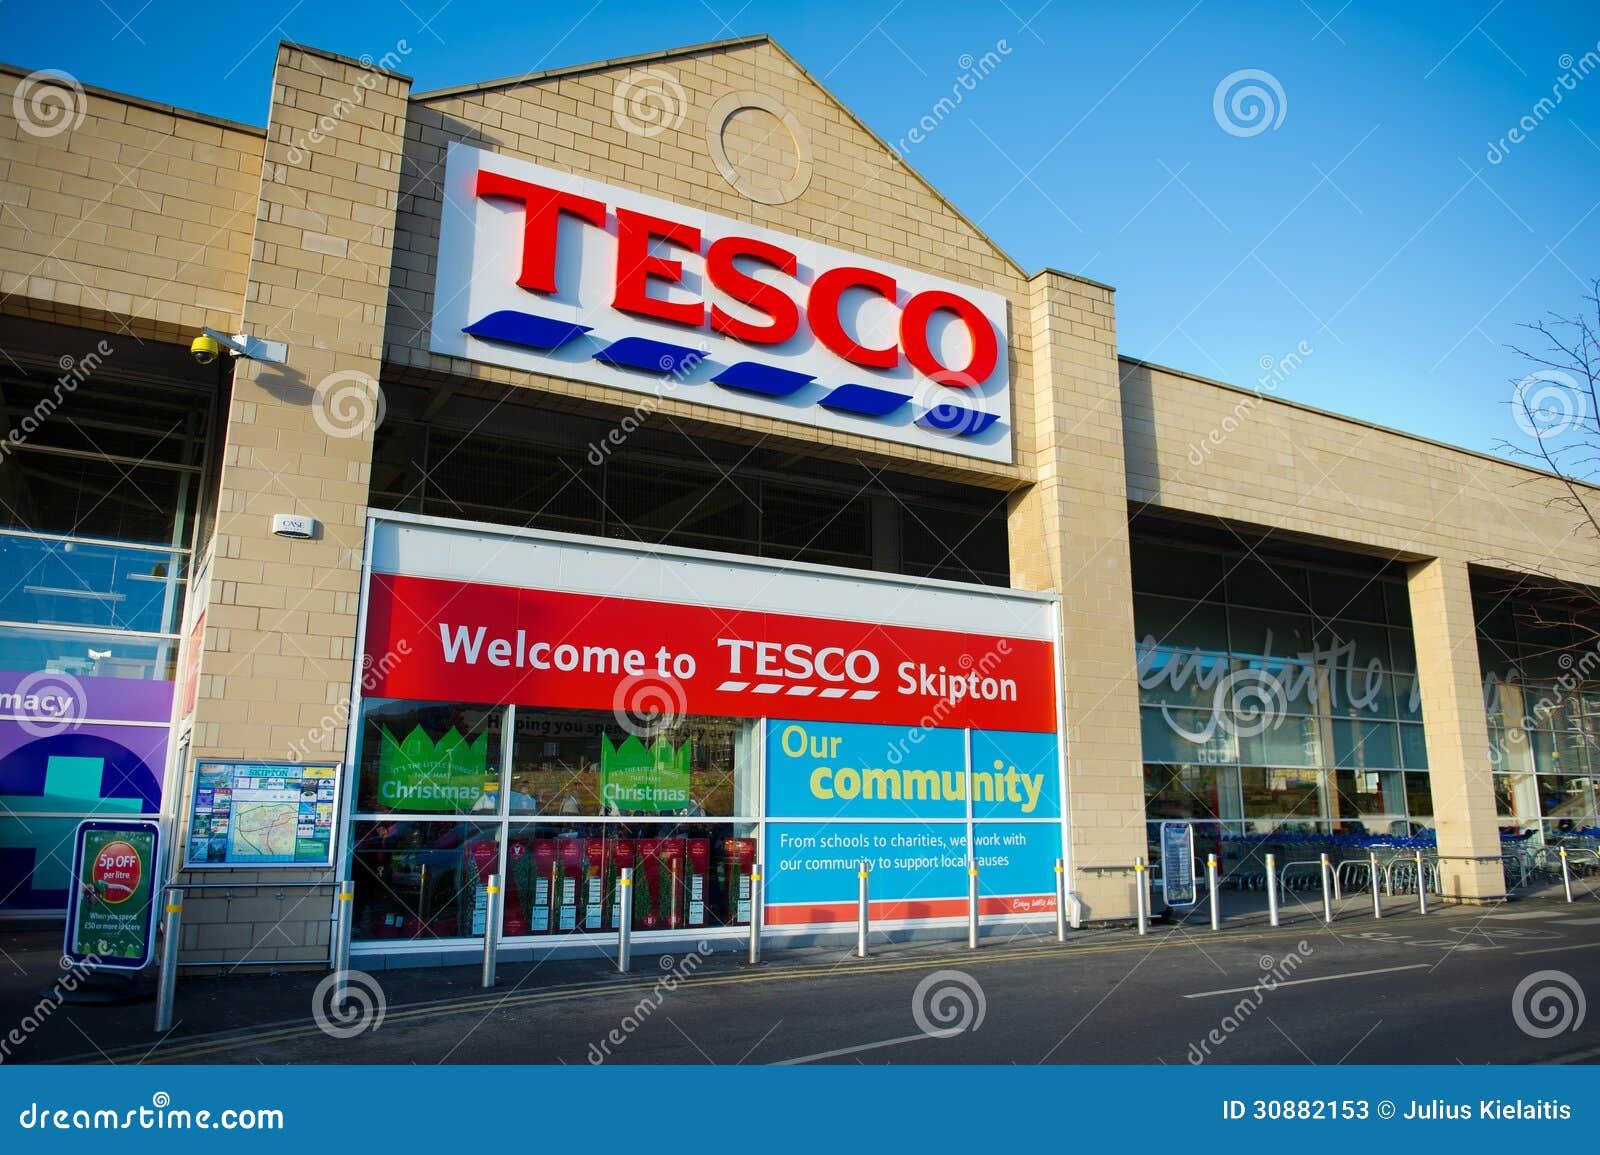 Tesco is biggest supermarket